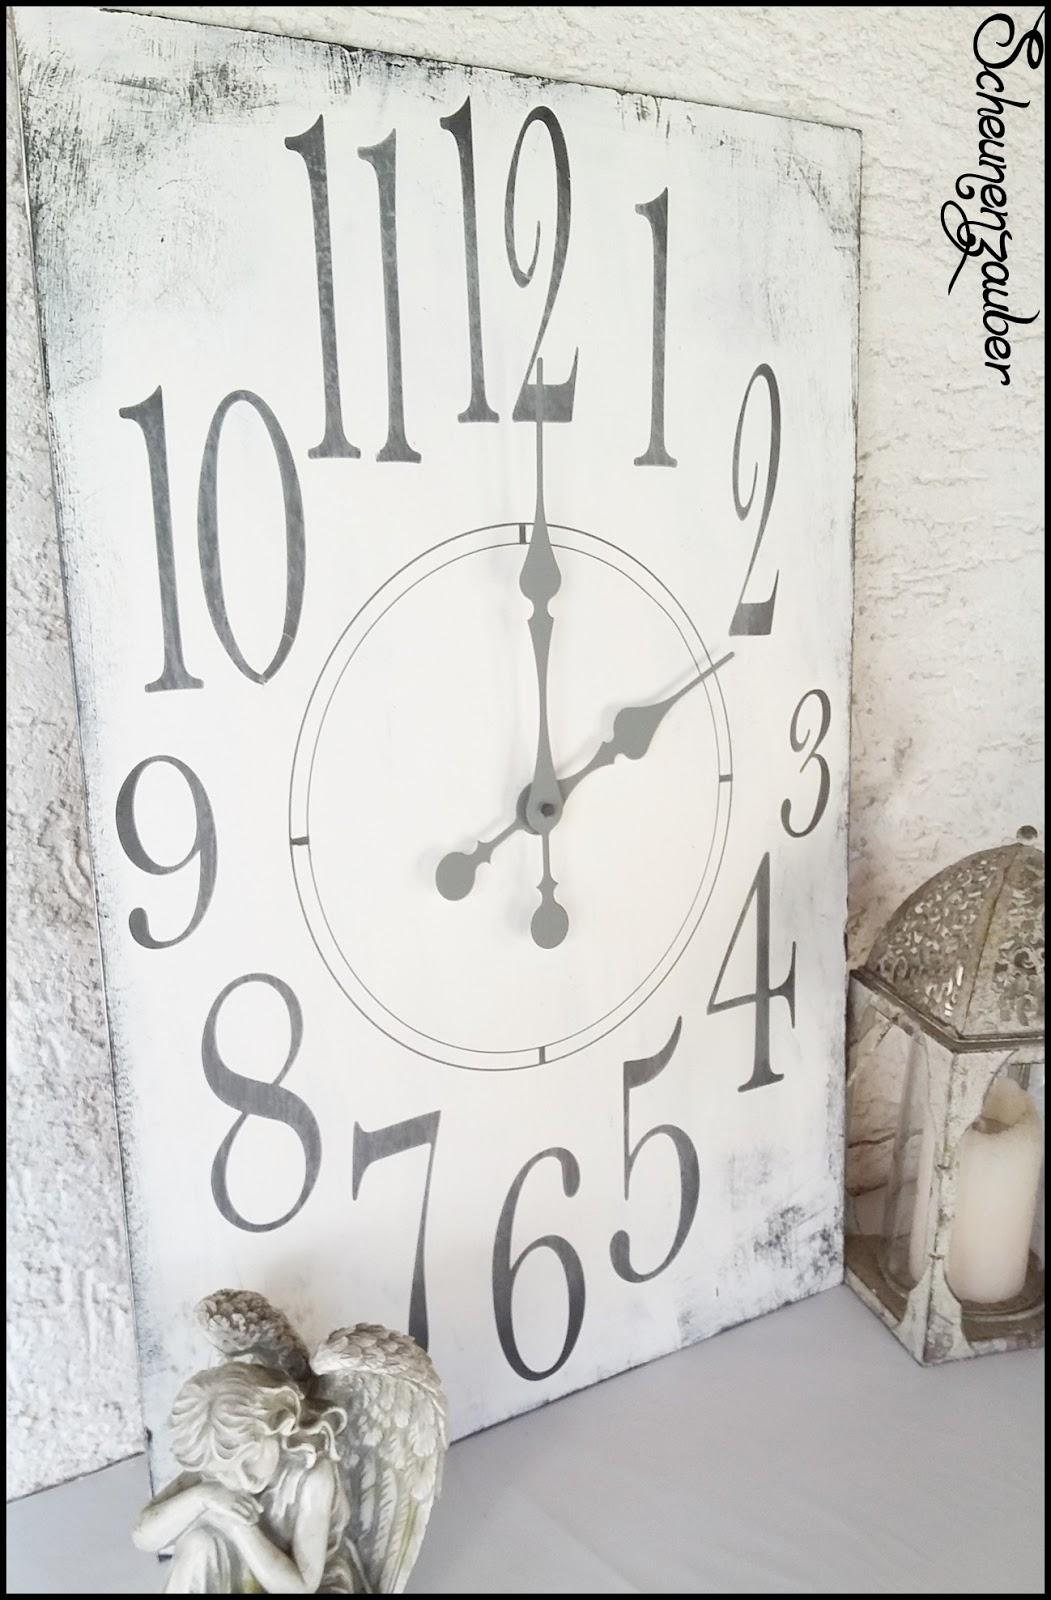 Nice MDF (mitteldichte Holzfaserplatte) 45 Cm X 60 Cm   3 Mm Stark ♥ Extra Große  Zeiger In Der Farbe Grau   Ein Uhrwerk Ist Dabei Home Design Ideas